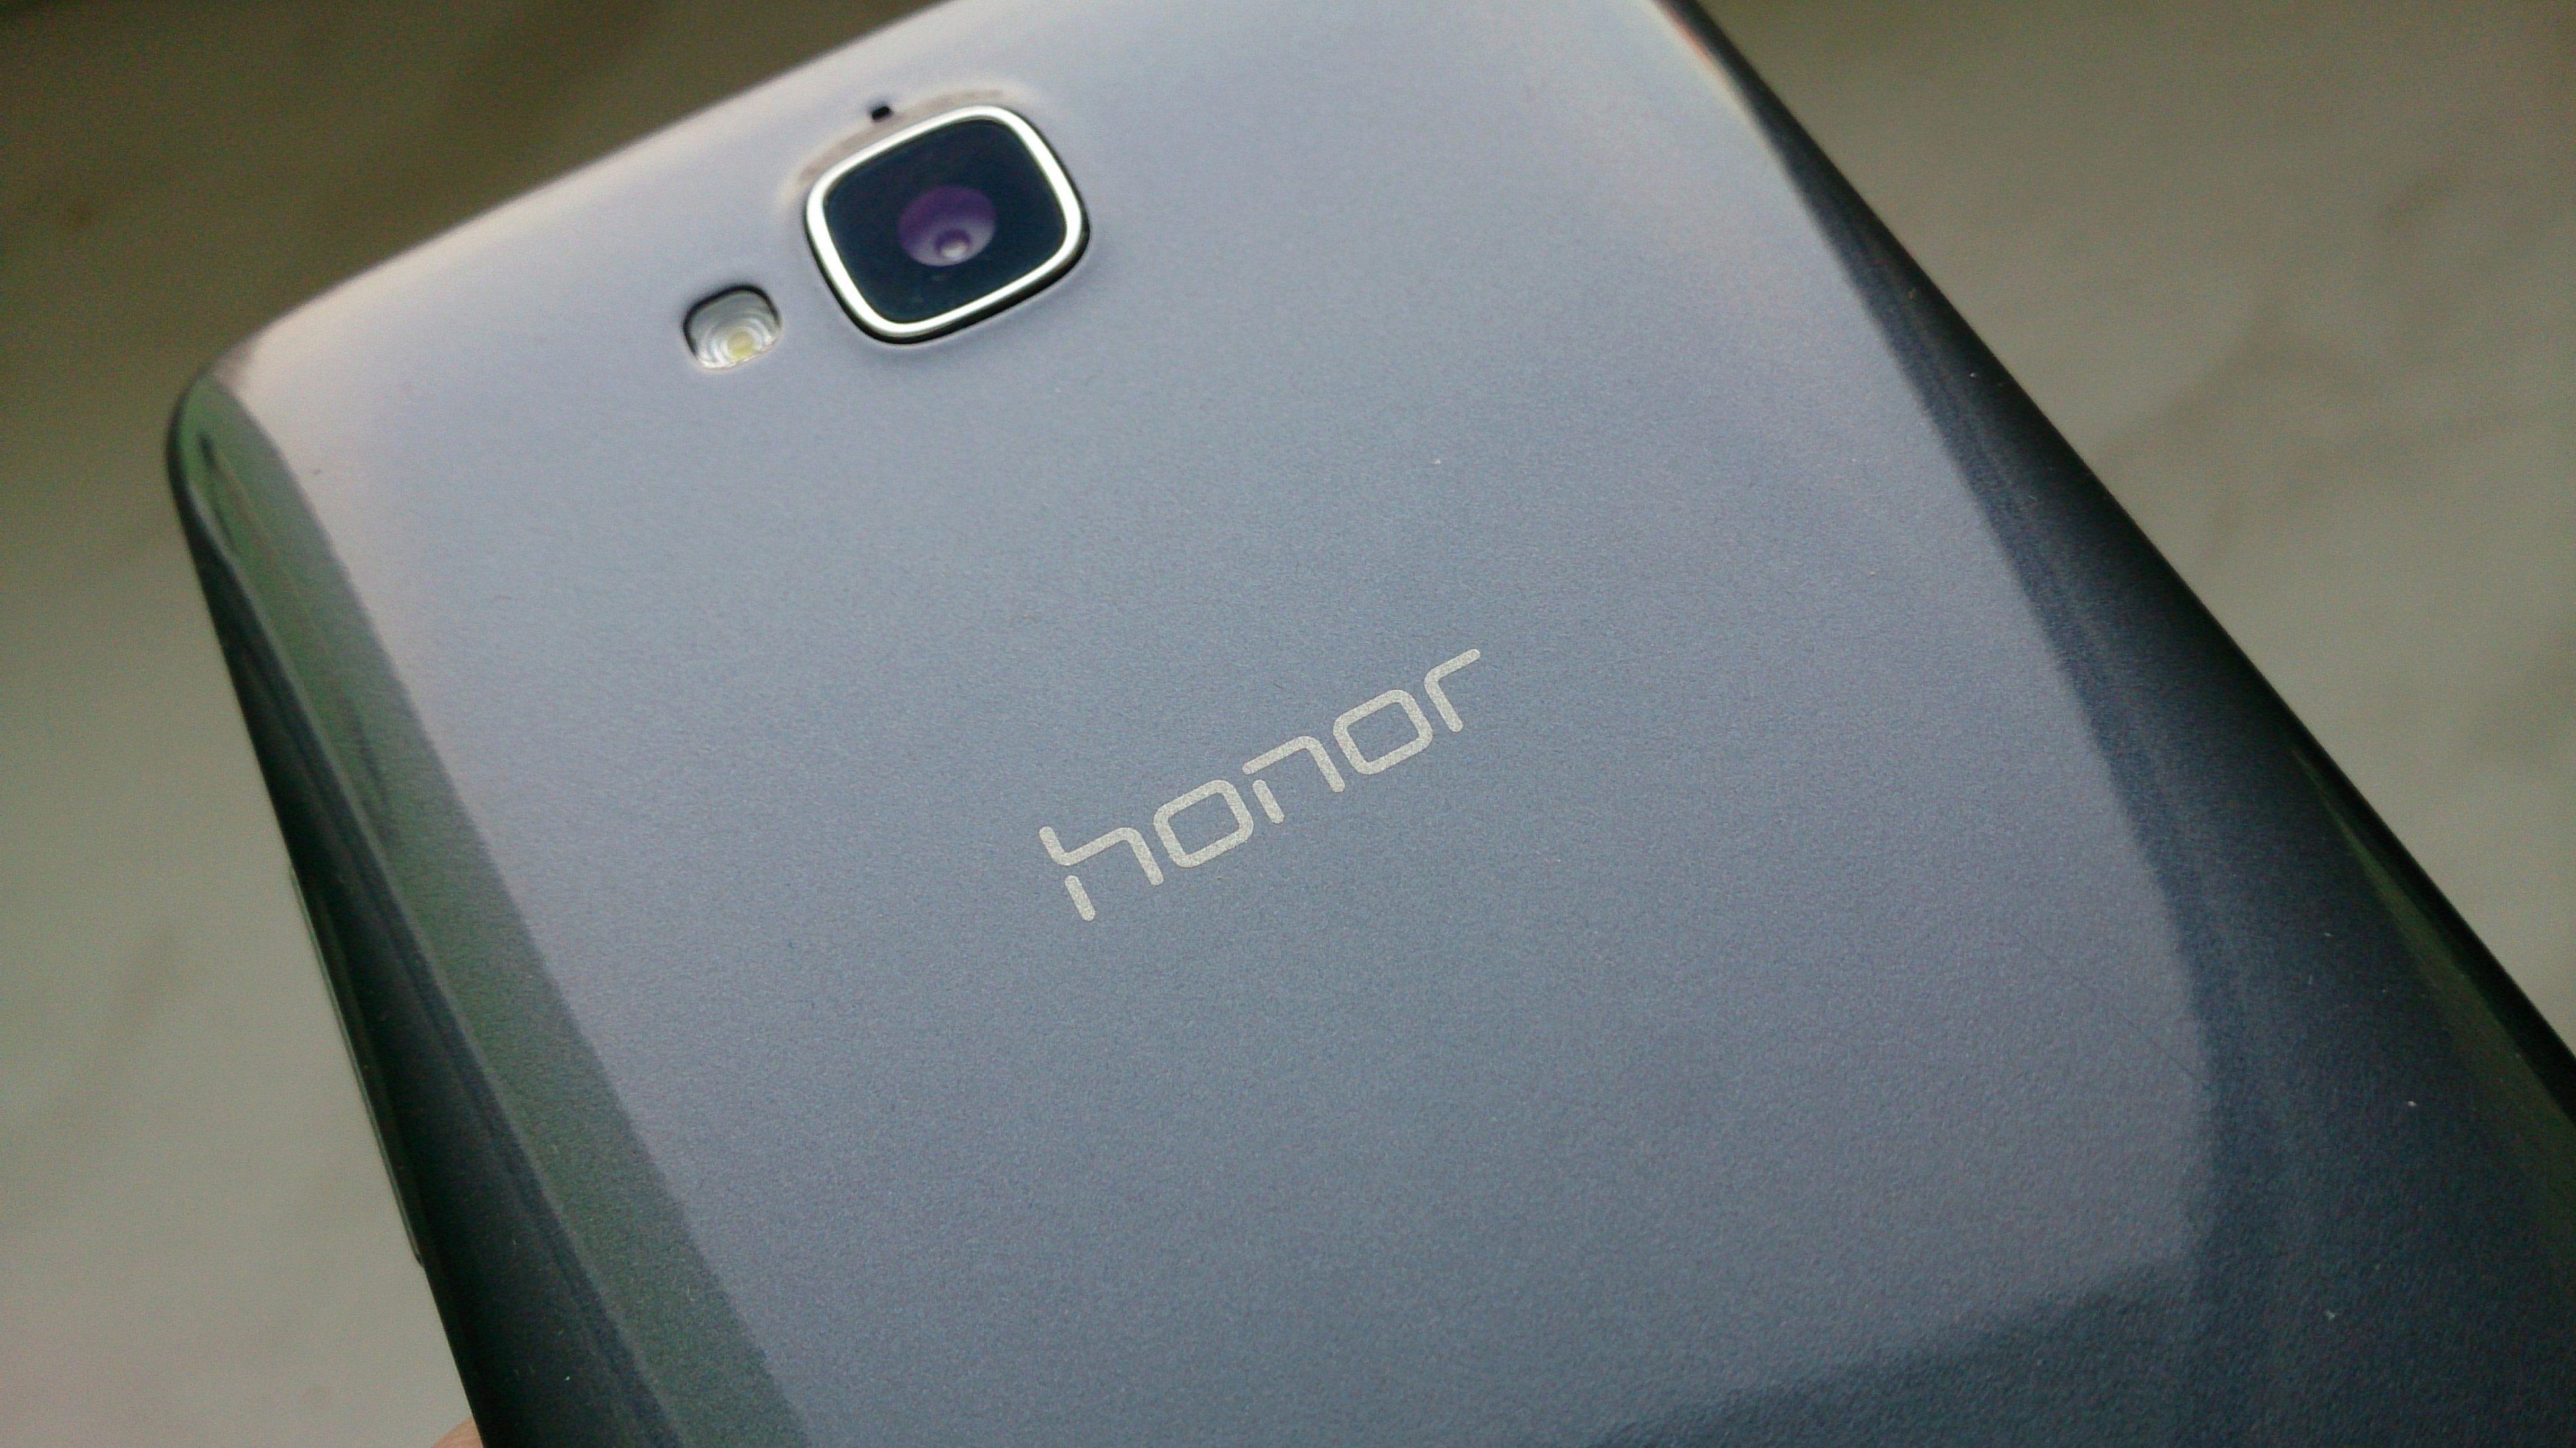 honor 3c záda telefonu náhledový obrázek